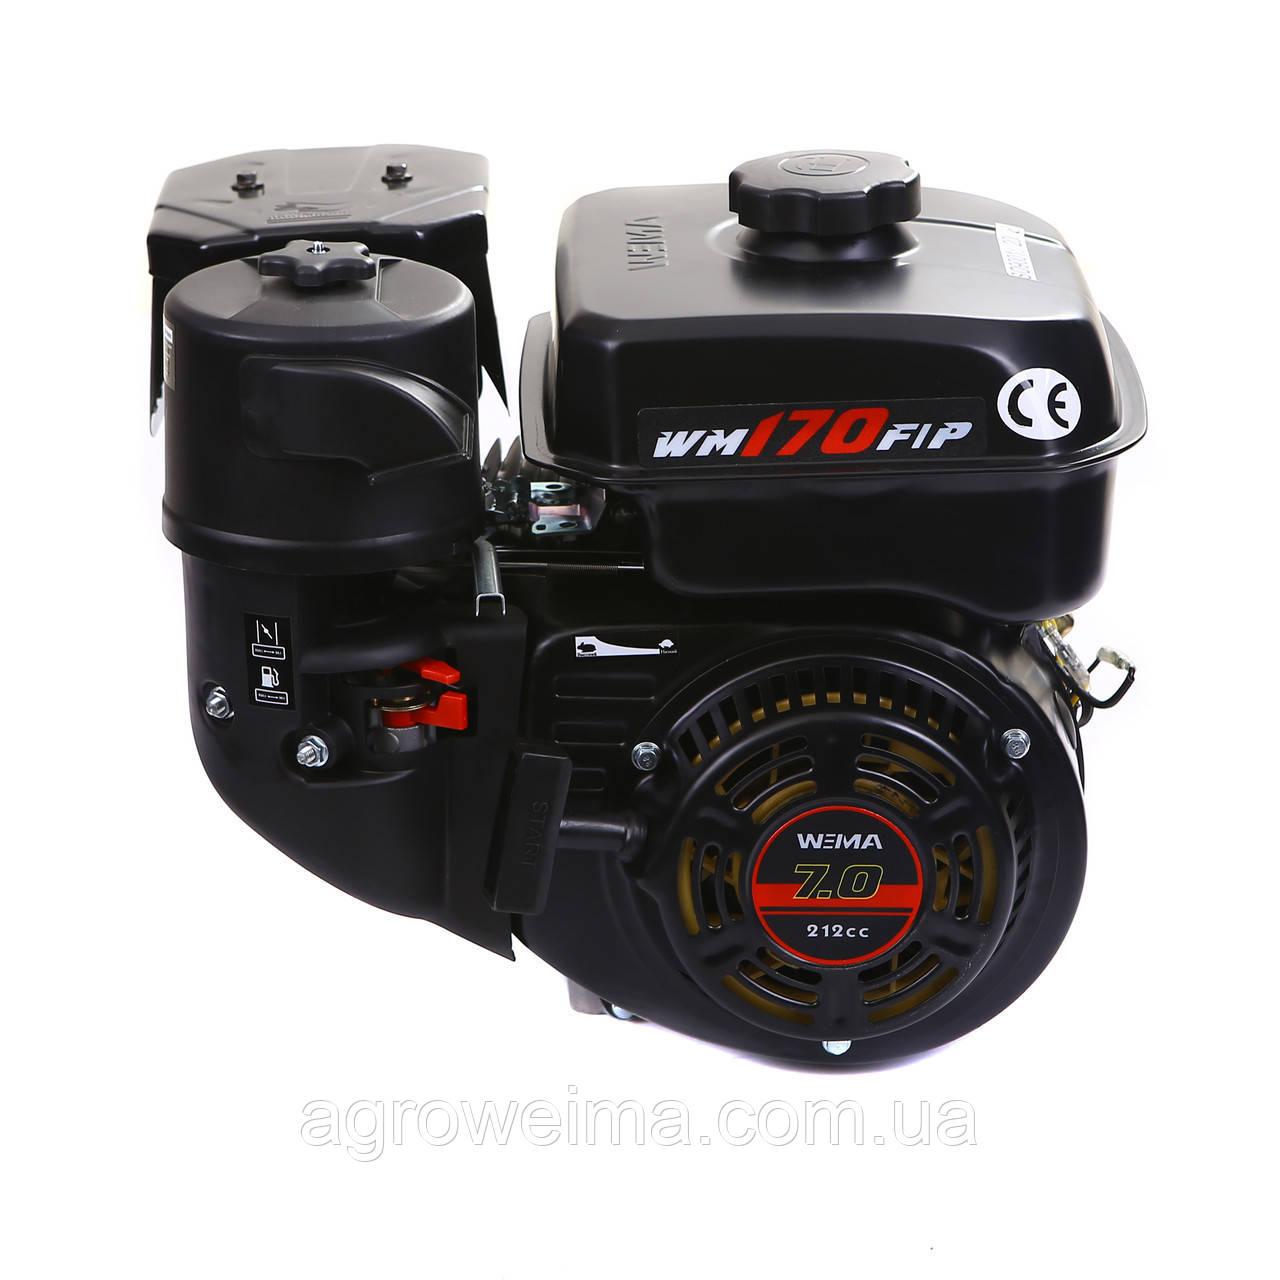 Двигатель бензиновый WEIMA WM170F-T/20 NEW (ШЛИЦЫ 20 ММ) 7 Л.С.